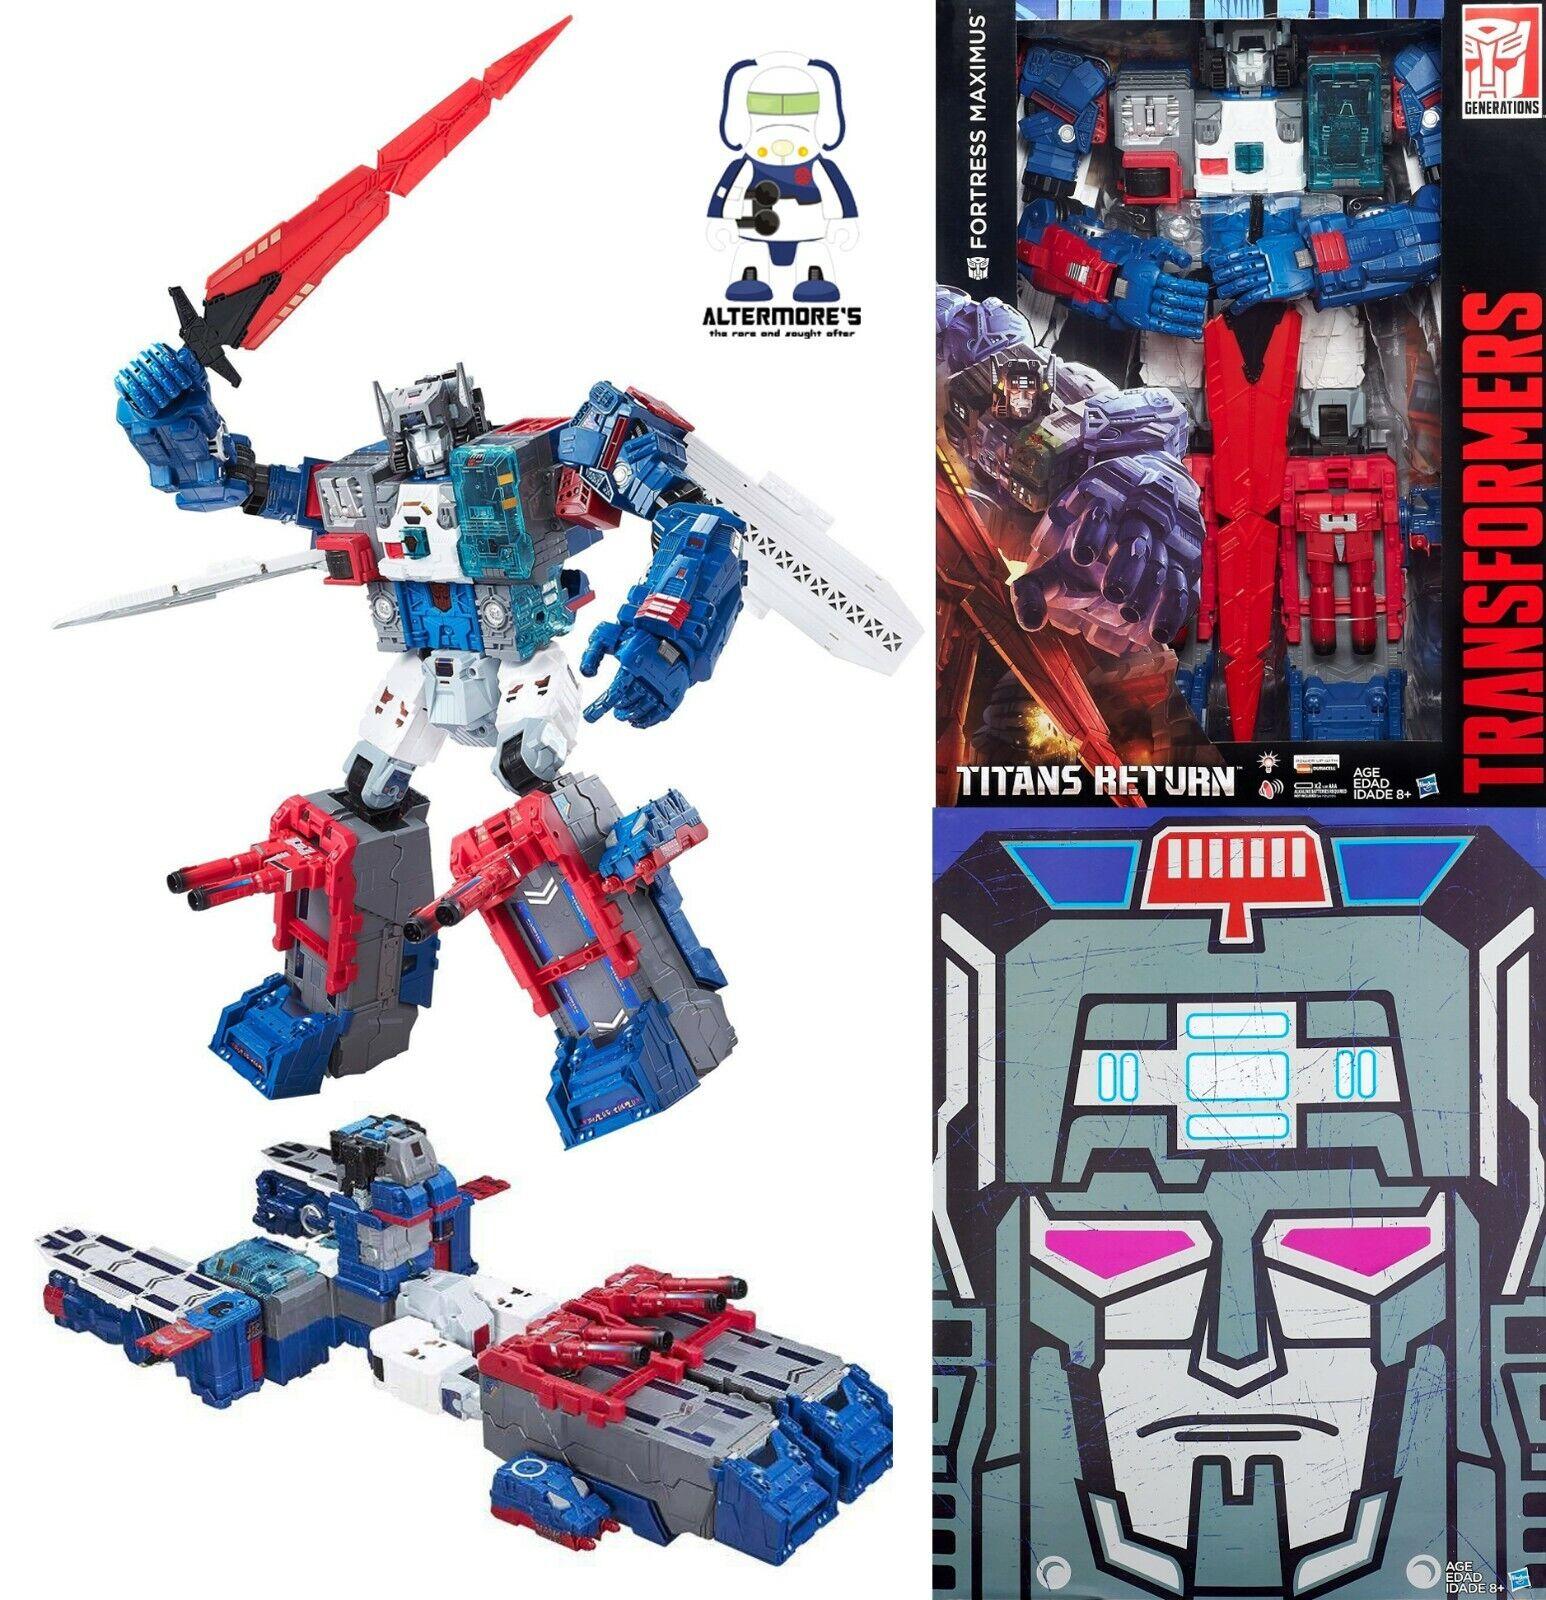 60% de descuento Transformers Hasbro TITAN TITAN TITAN Wars Sdcc 2016 Exclusive Fortress Maximus sin usar y en caja sellada  punto de venta